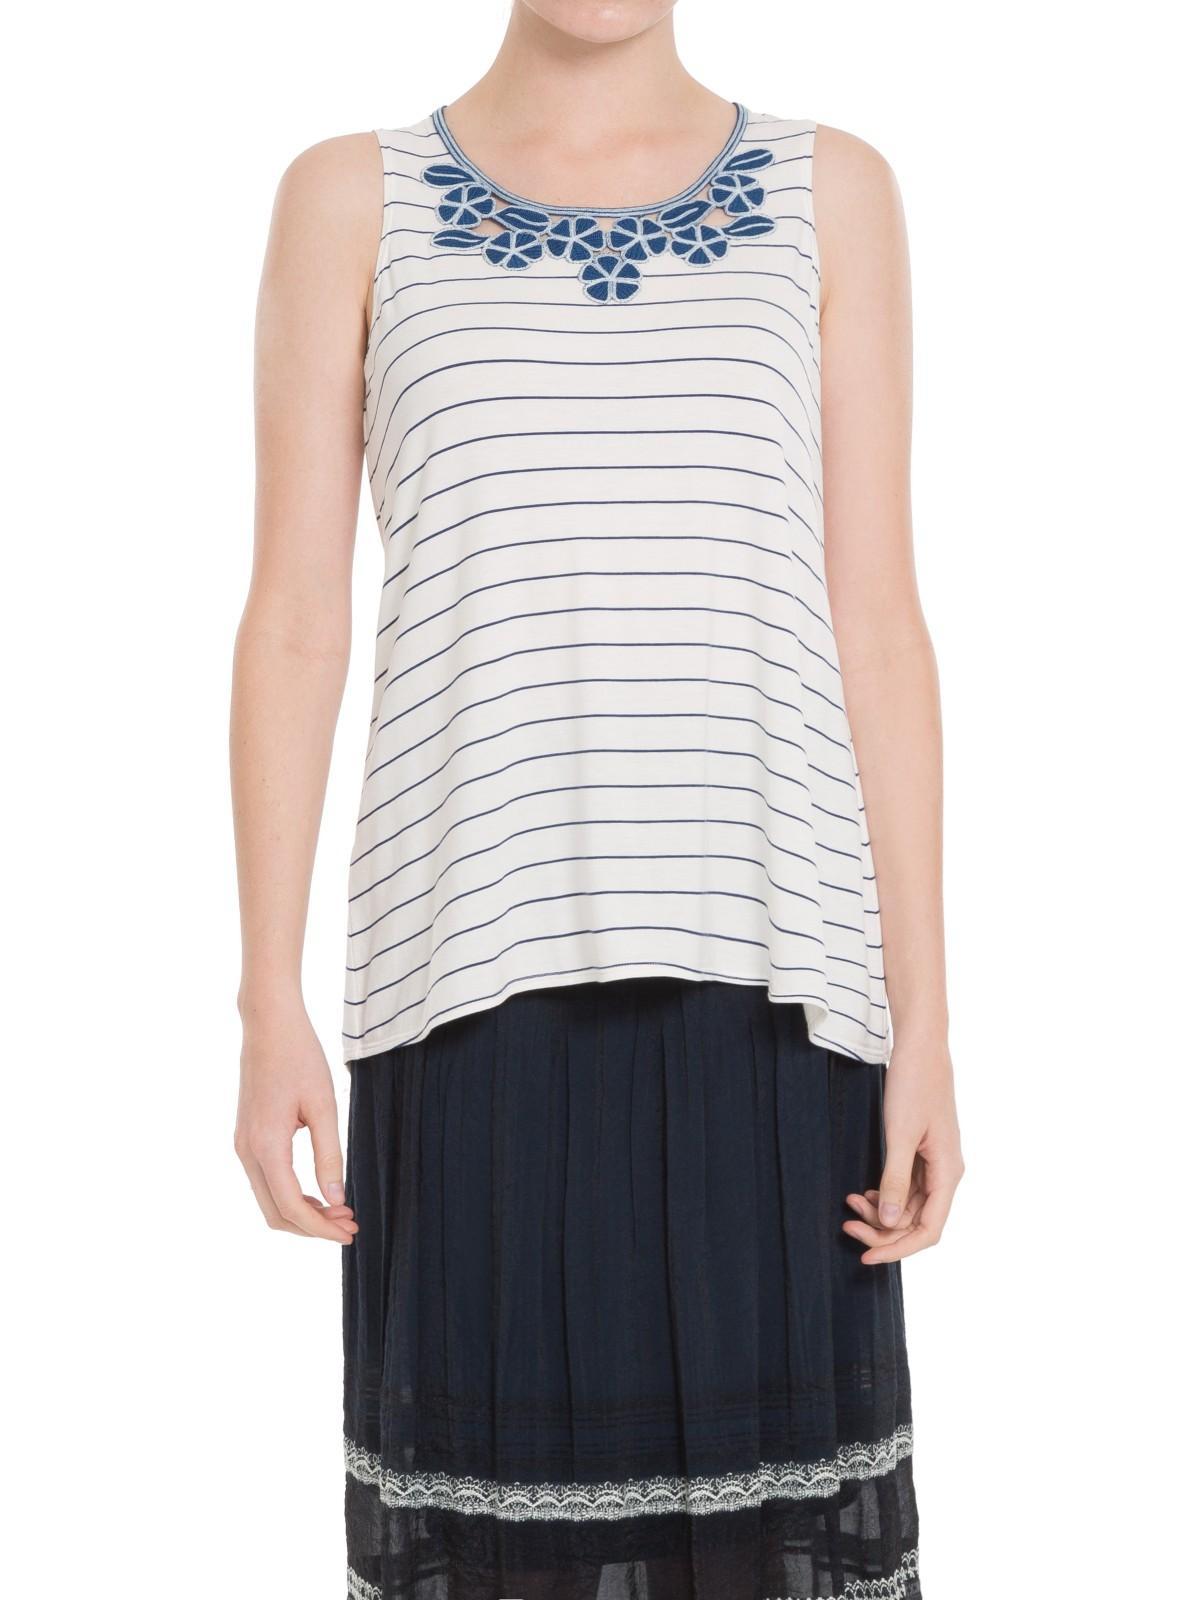 Max Studio Denim Embroidered Stripe Jersey Top in White/Blue (White)